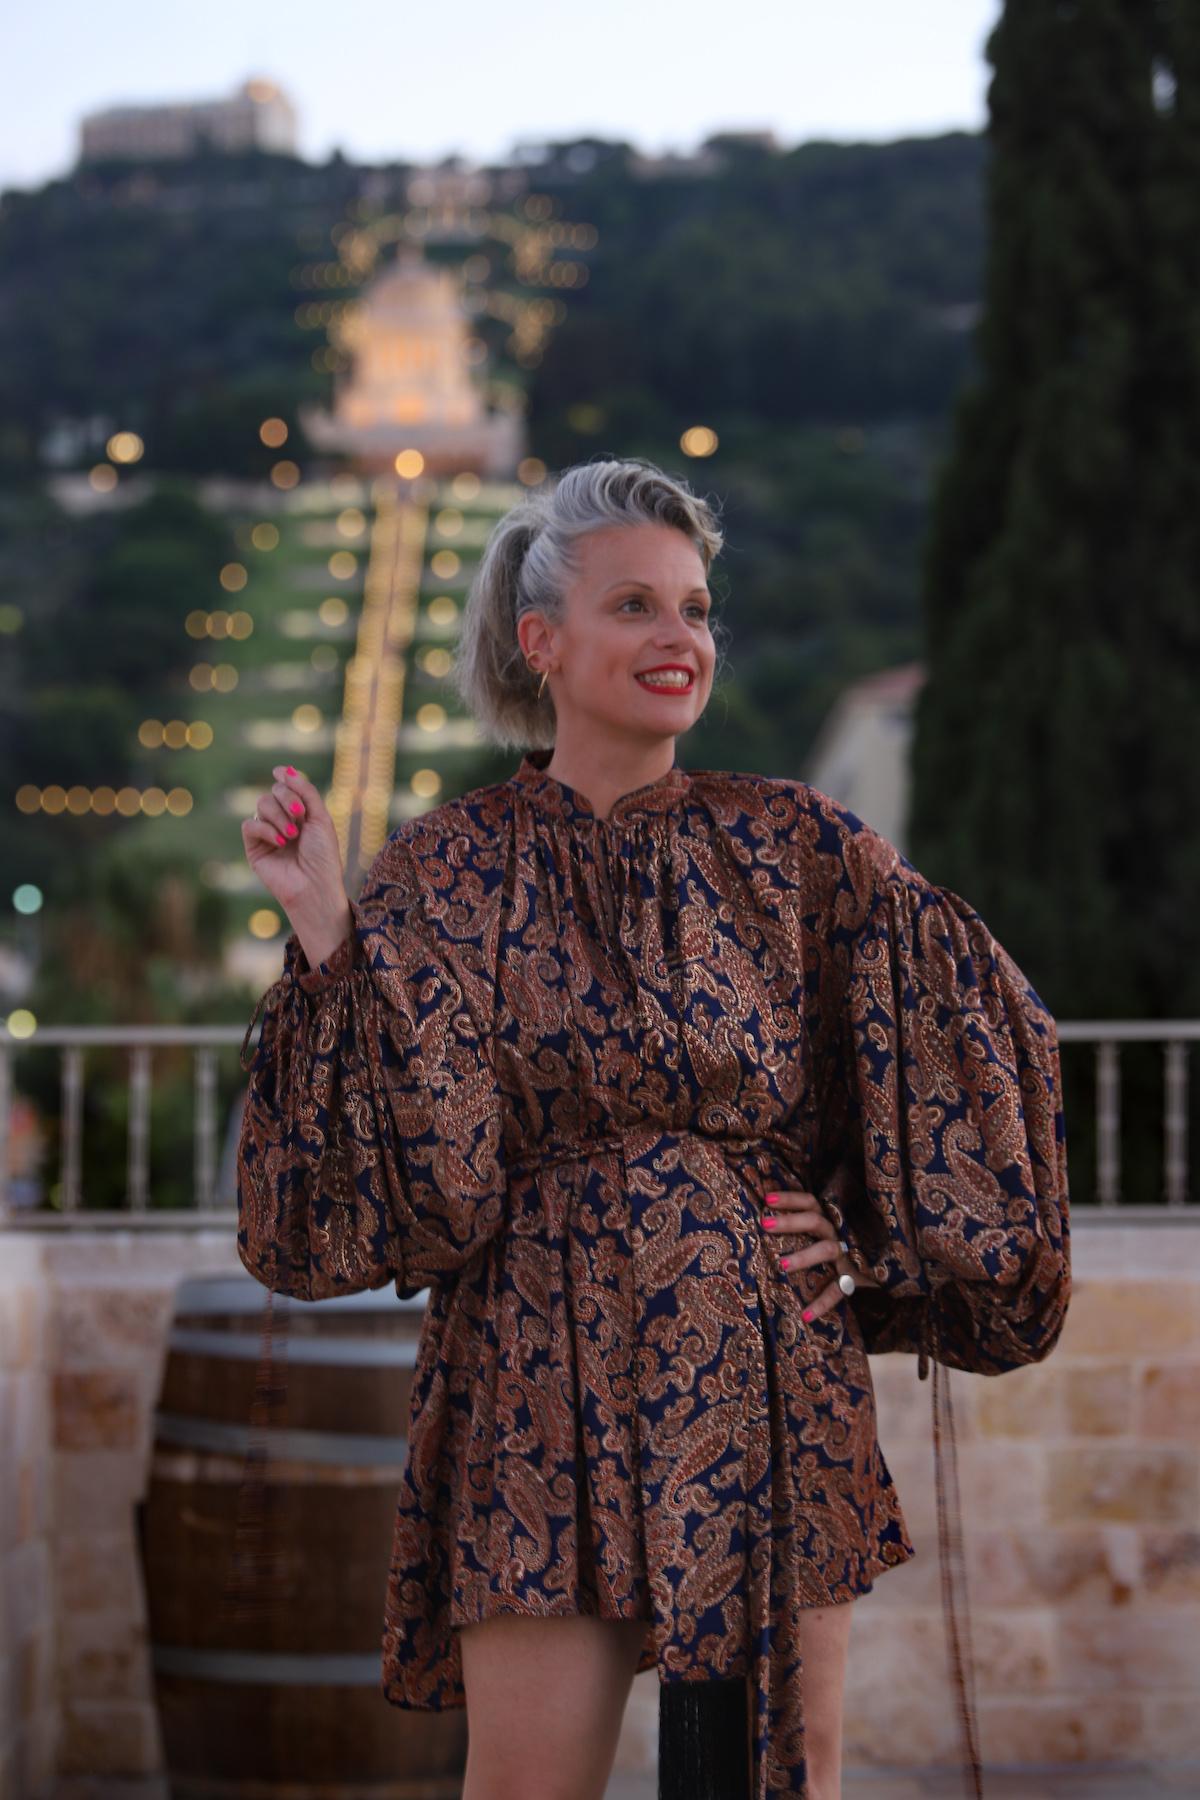 שירי ויצנר חיפאית לובשת אריאל טולדנו שמלת סולטנה עגילים רובי סטאר אתר מארק אופנה ישראלית6